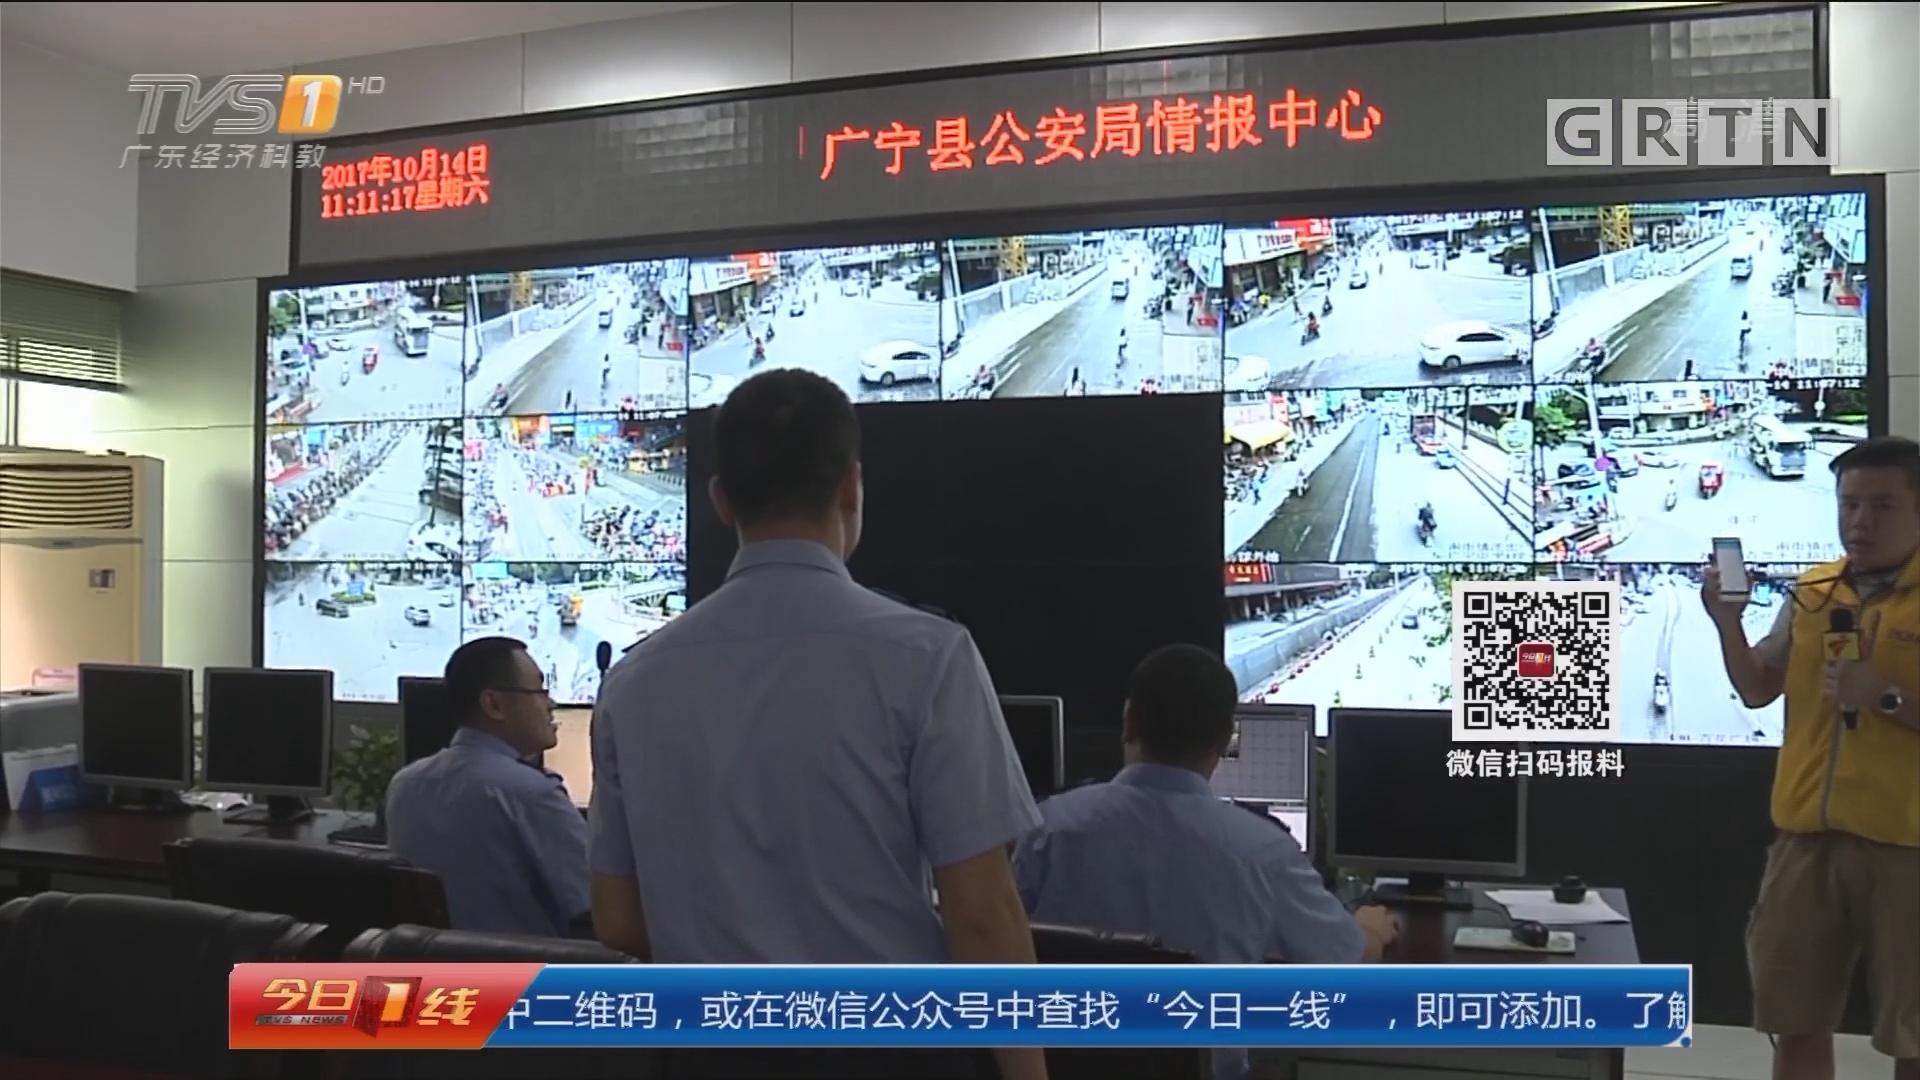 肇庆广宁:诈骗未成变抢夺 警务直播起威力